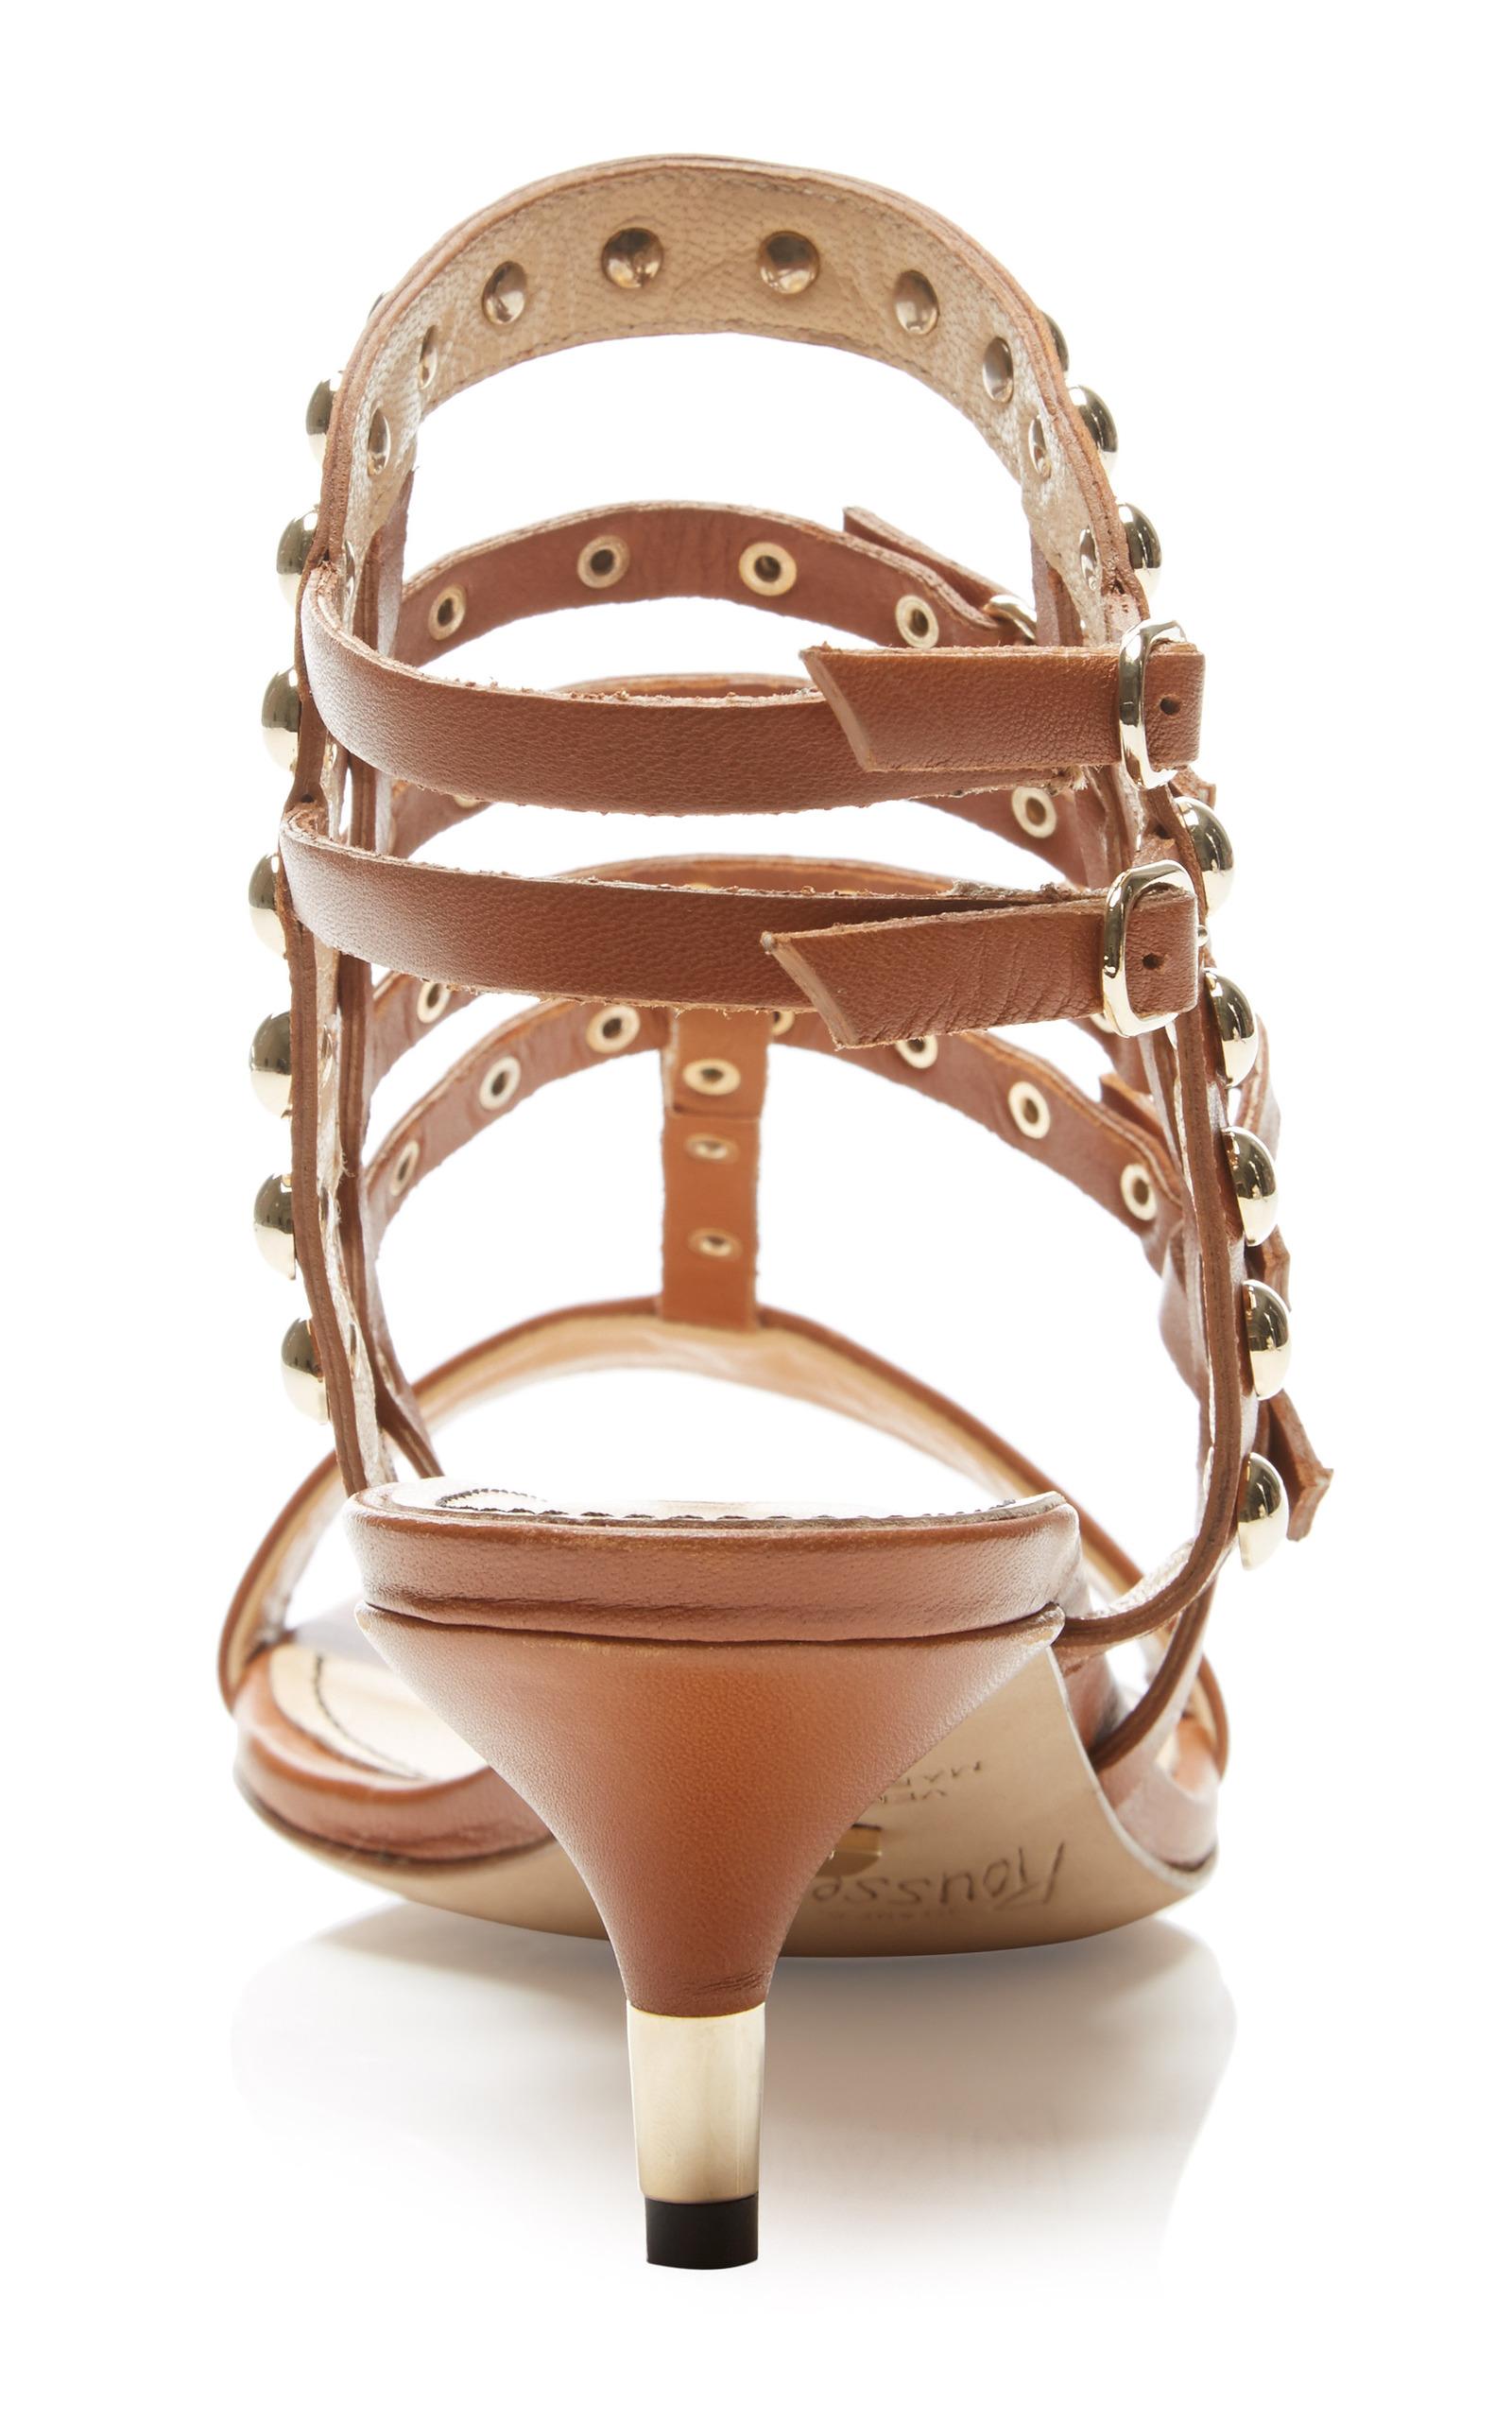 6f73999a904 Jerome C. RousseauCamden Kitten Heel Sandal In Tan. CLOSE. Loading.  Loading. Loading